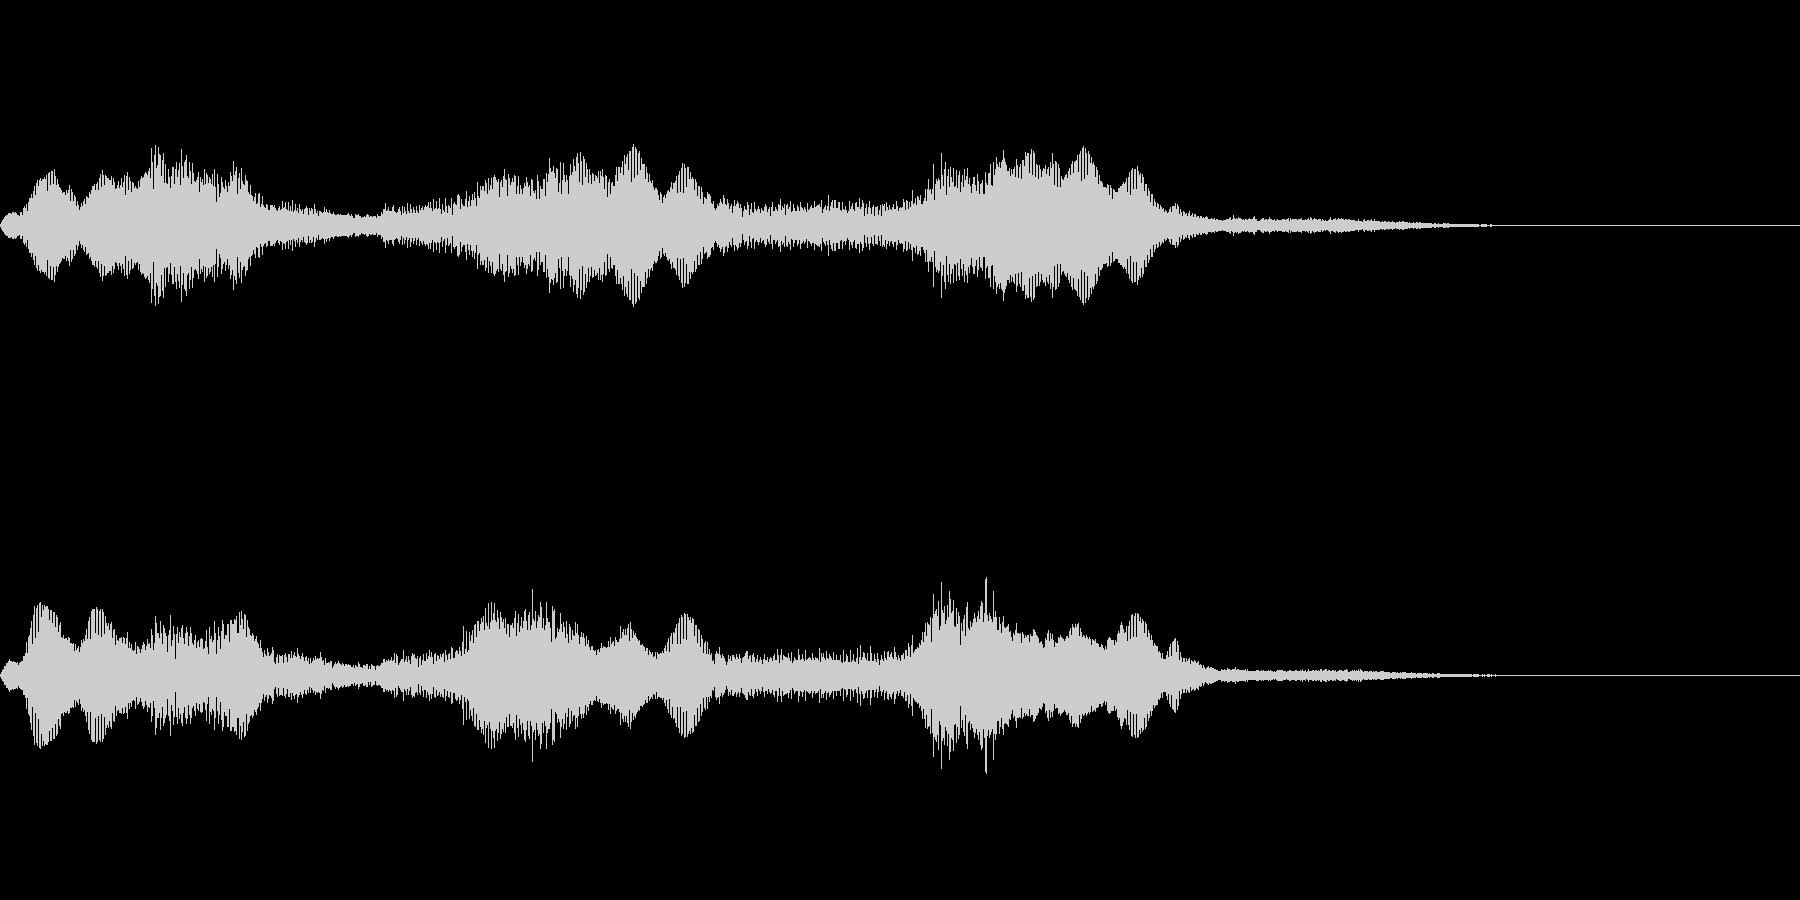 ホラー風の低音ズーンの未再生の波形